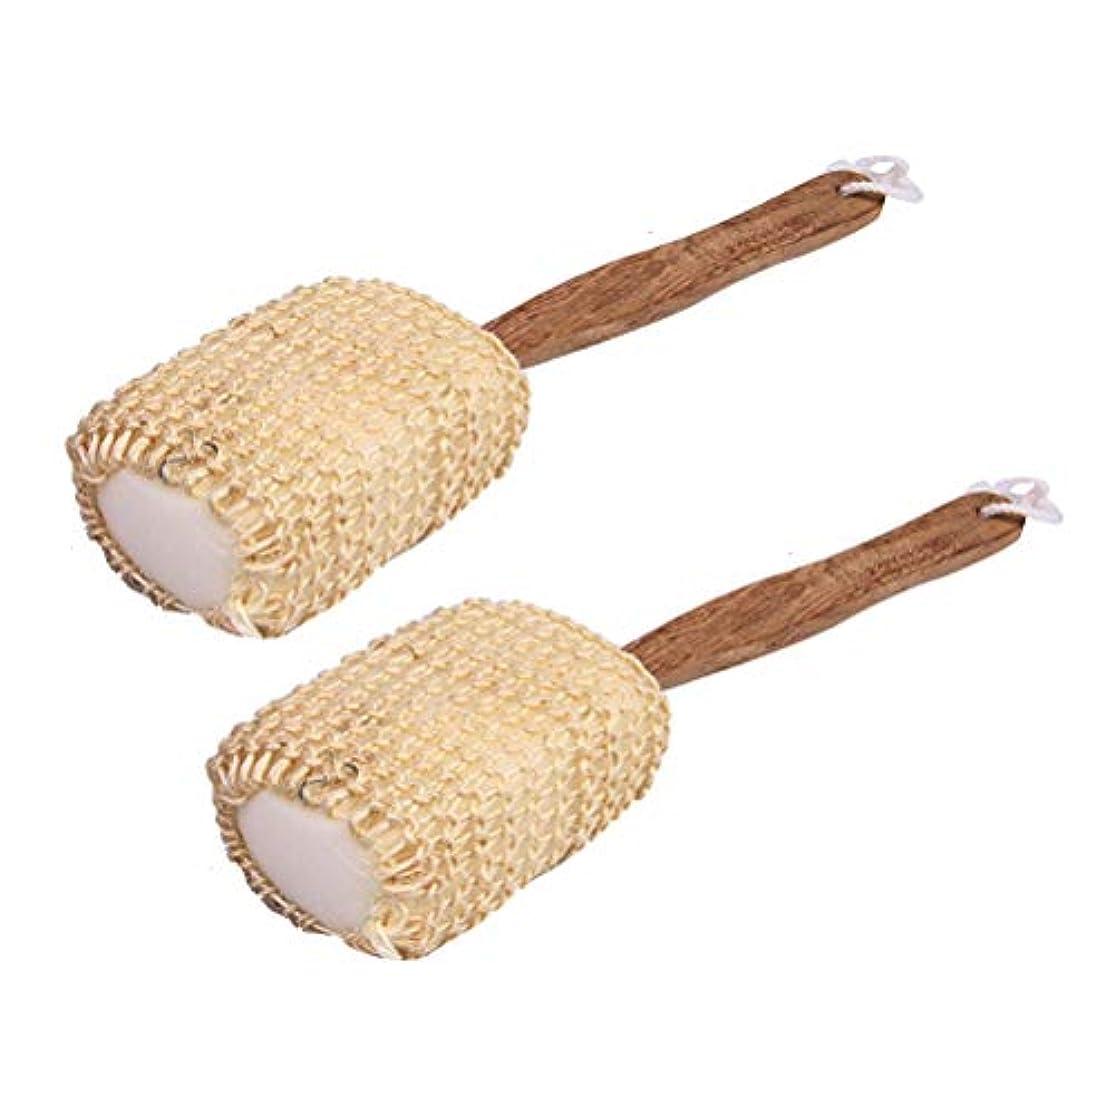 蒸気農民セラフTopbathy 2ピース入浴ボディブラシ付きウッドハンドル風呂loofahバックスクラバー剥離シャワーブラシ用男性女性